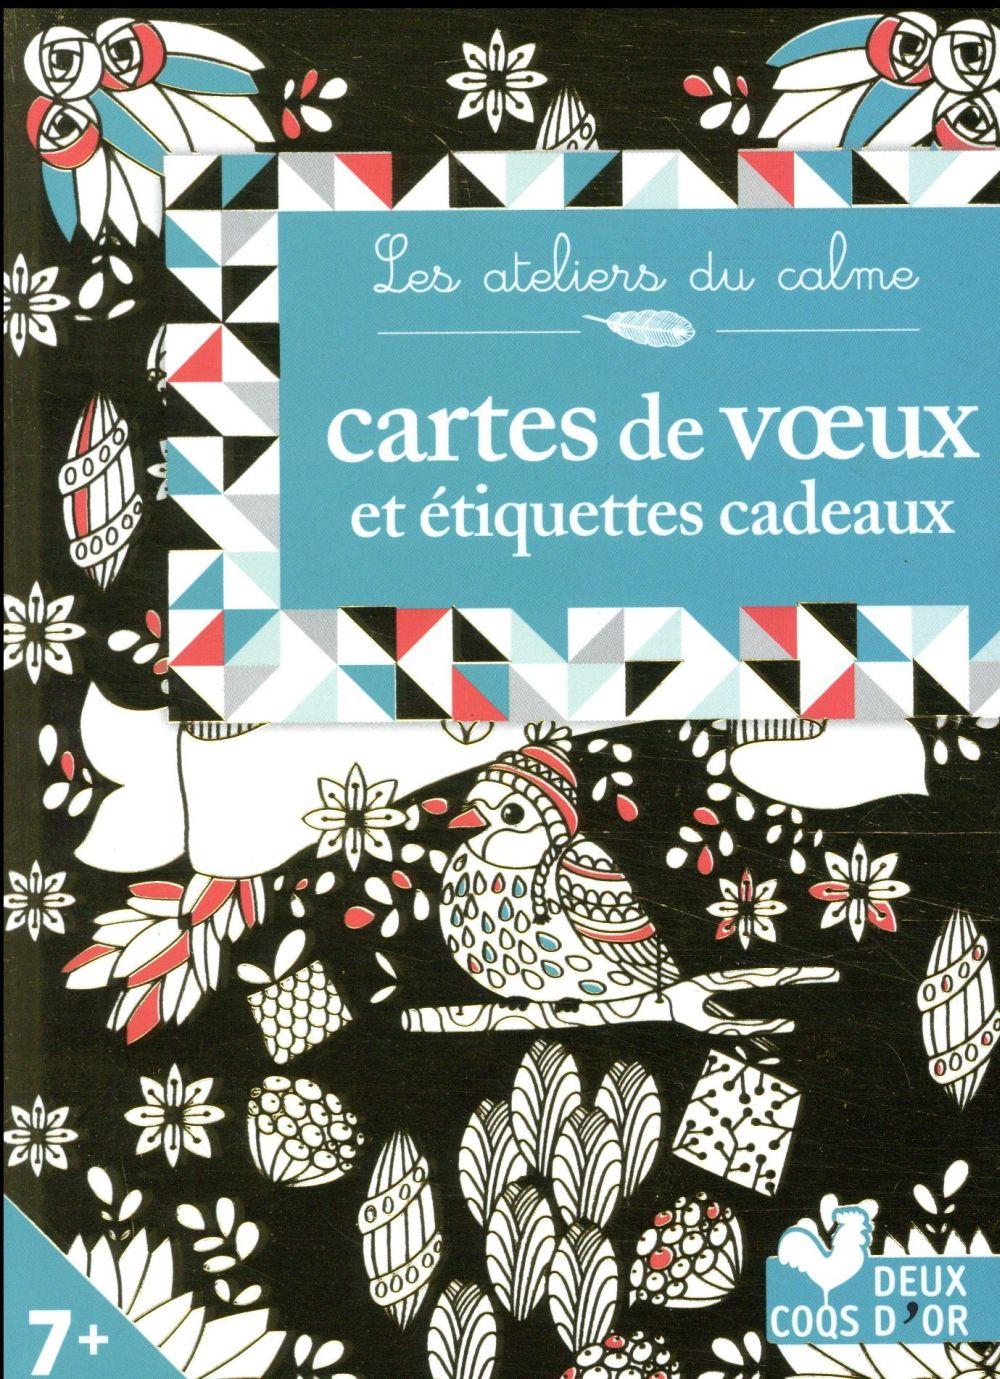 CARTES DE VOEUX A COLORIER